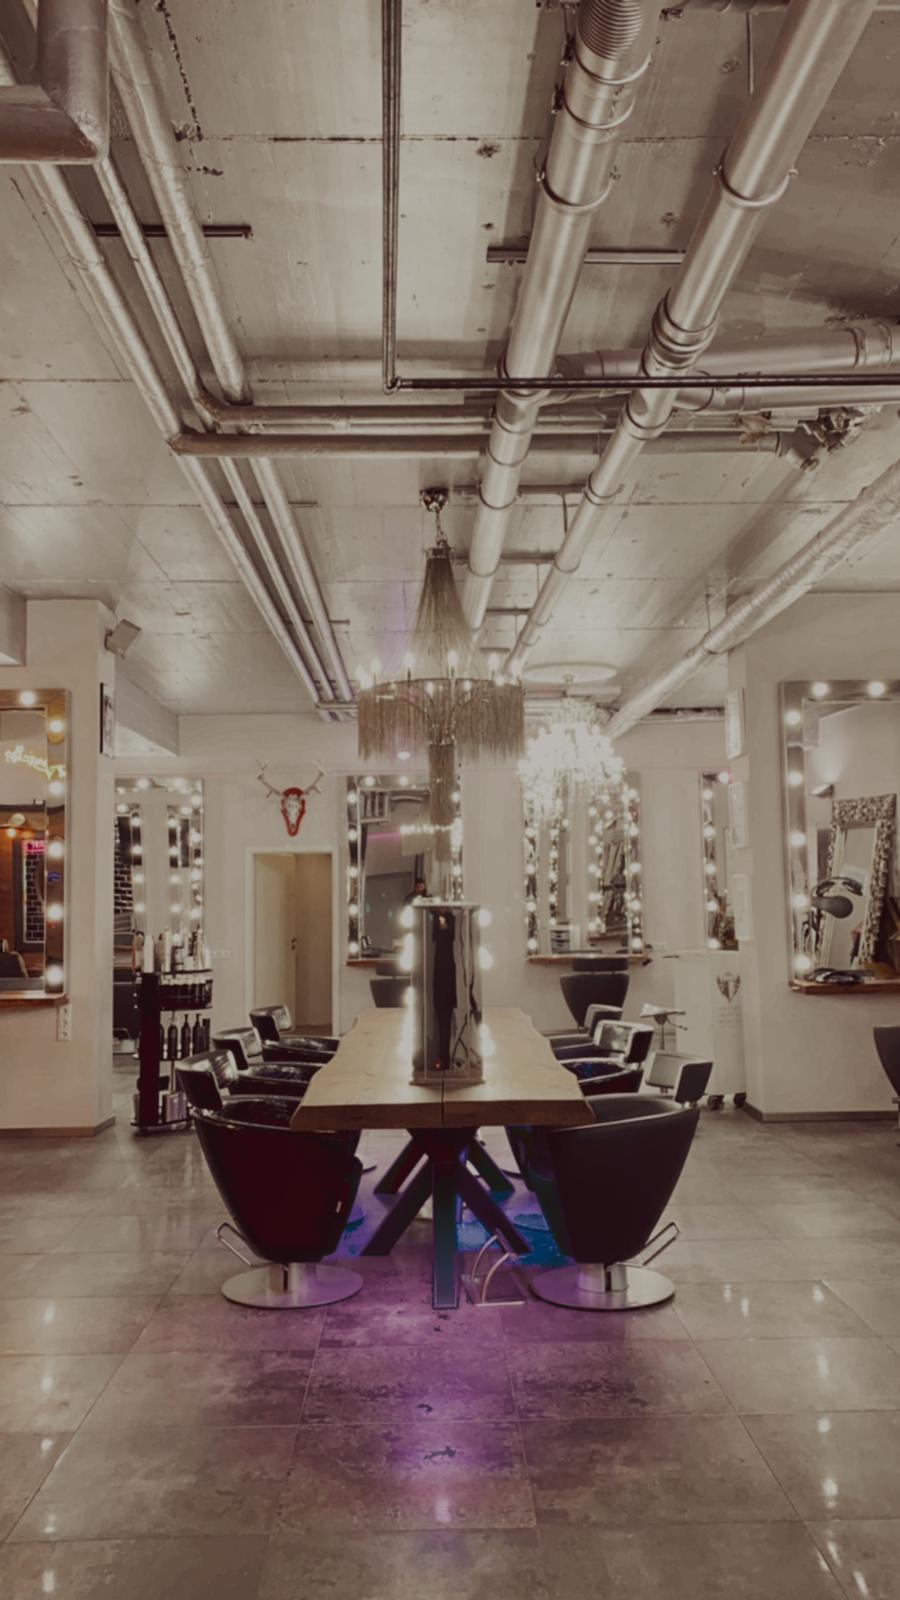 Friseurstühle im Salon